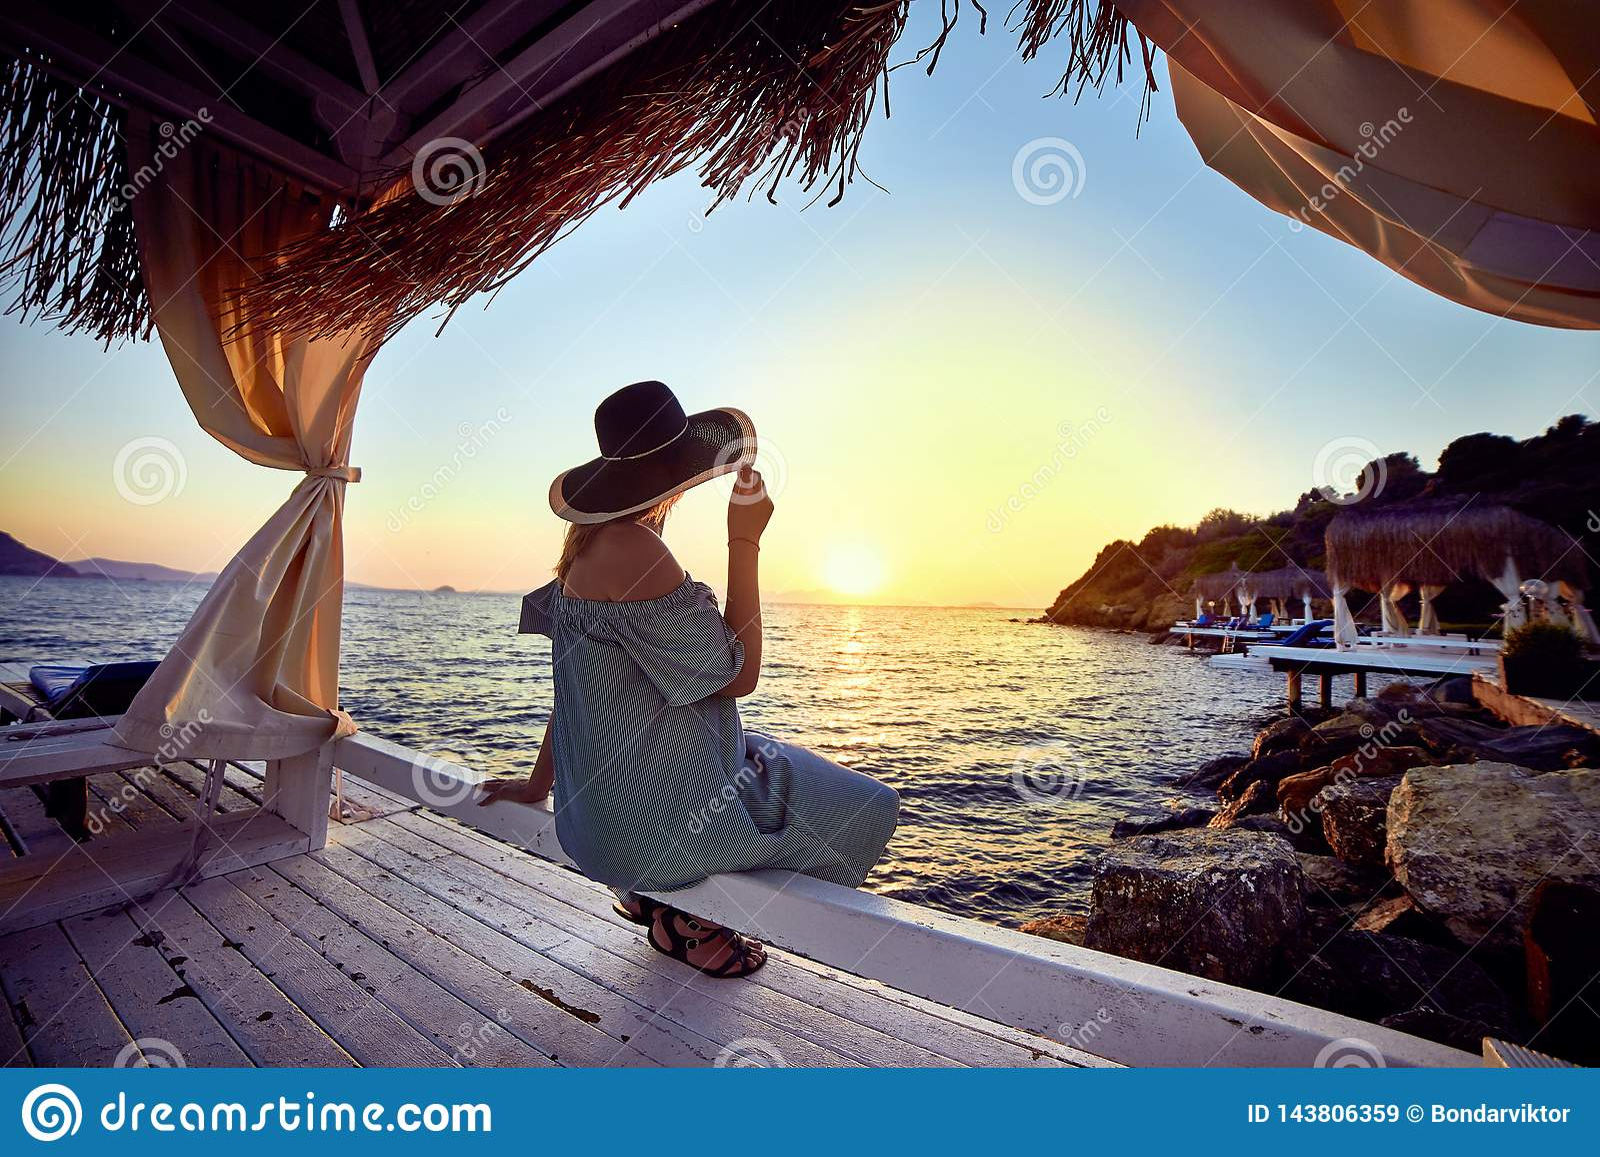 帽子的妇女放松由一种豪华海滩前的旅馆手段的海在日落享受完善的海滩假日假期的